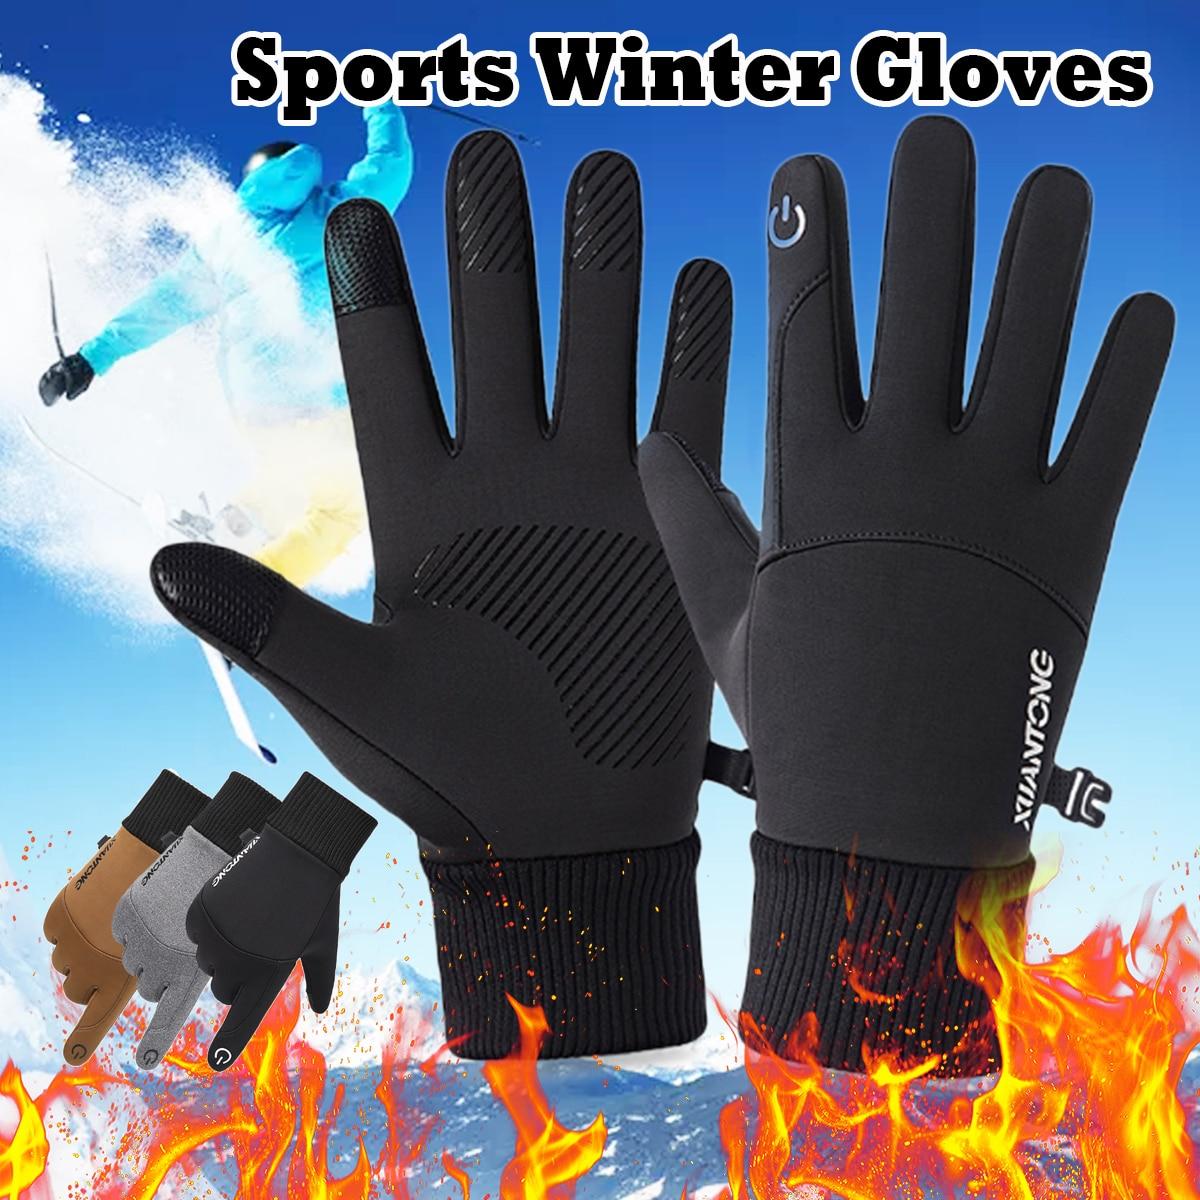 Зимние теплые лыжные перчатки для мужчин и женщин, флисовые перчатки для сенсорного экрана и сноуборда, водонепроницаемые уличные перчатки...